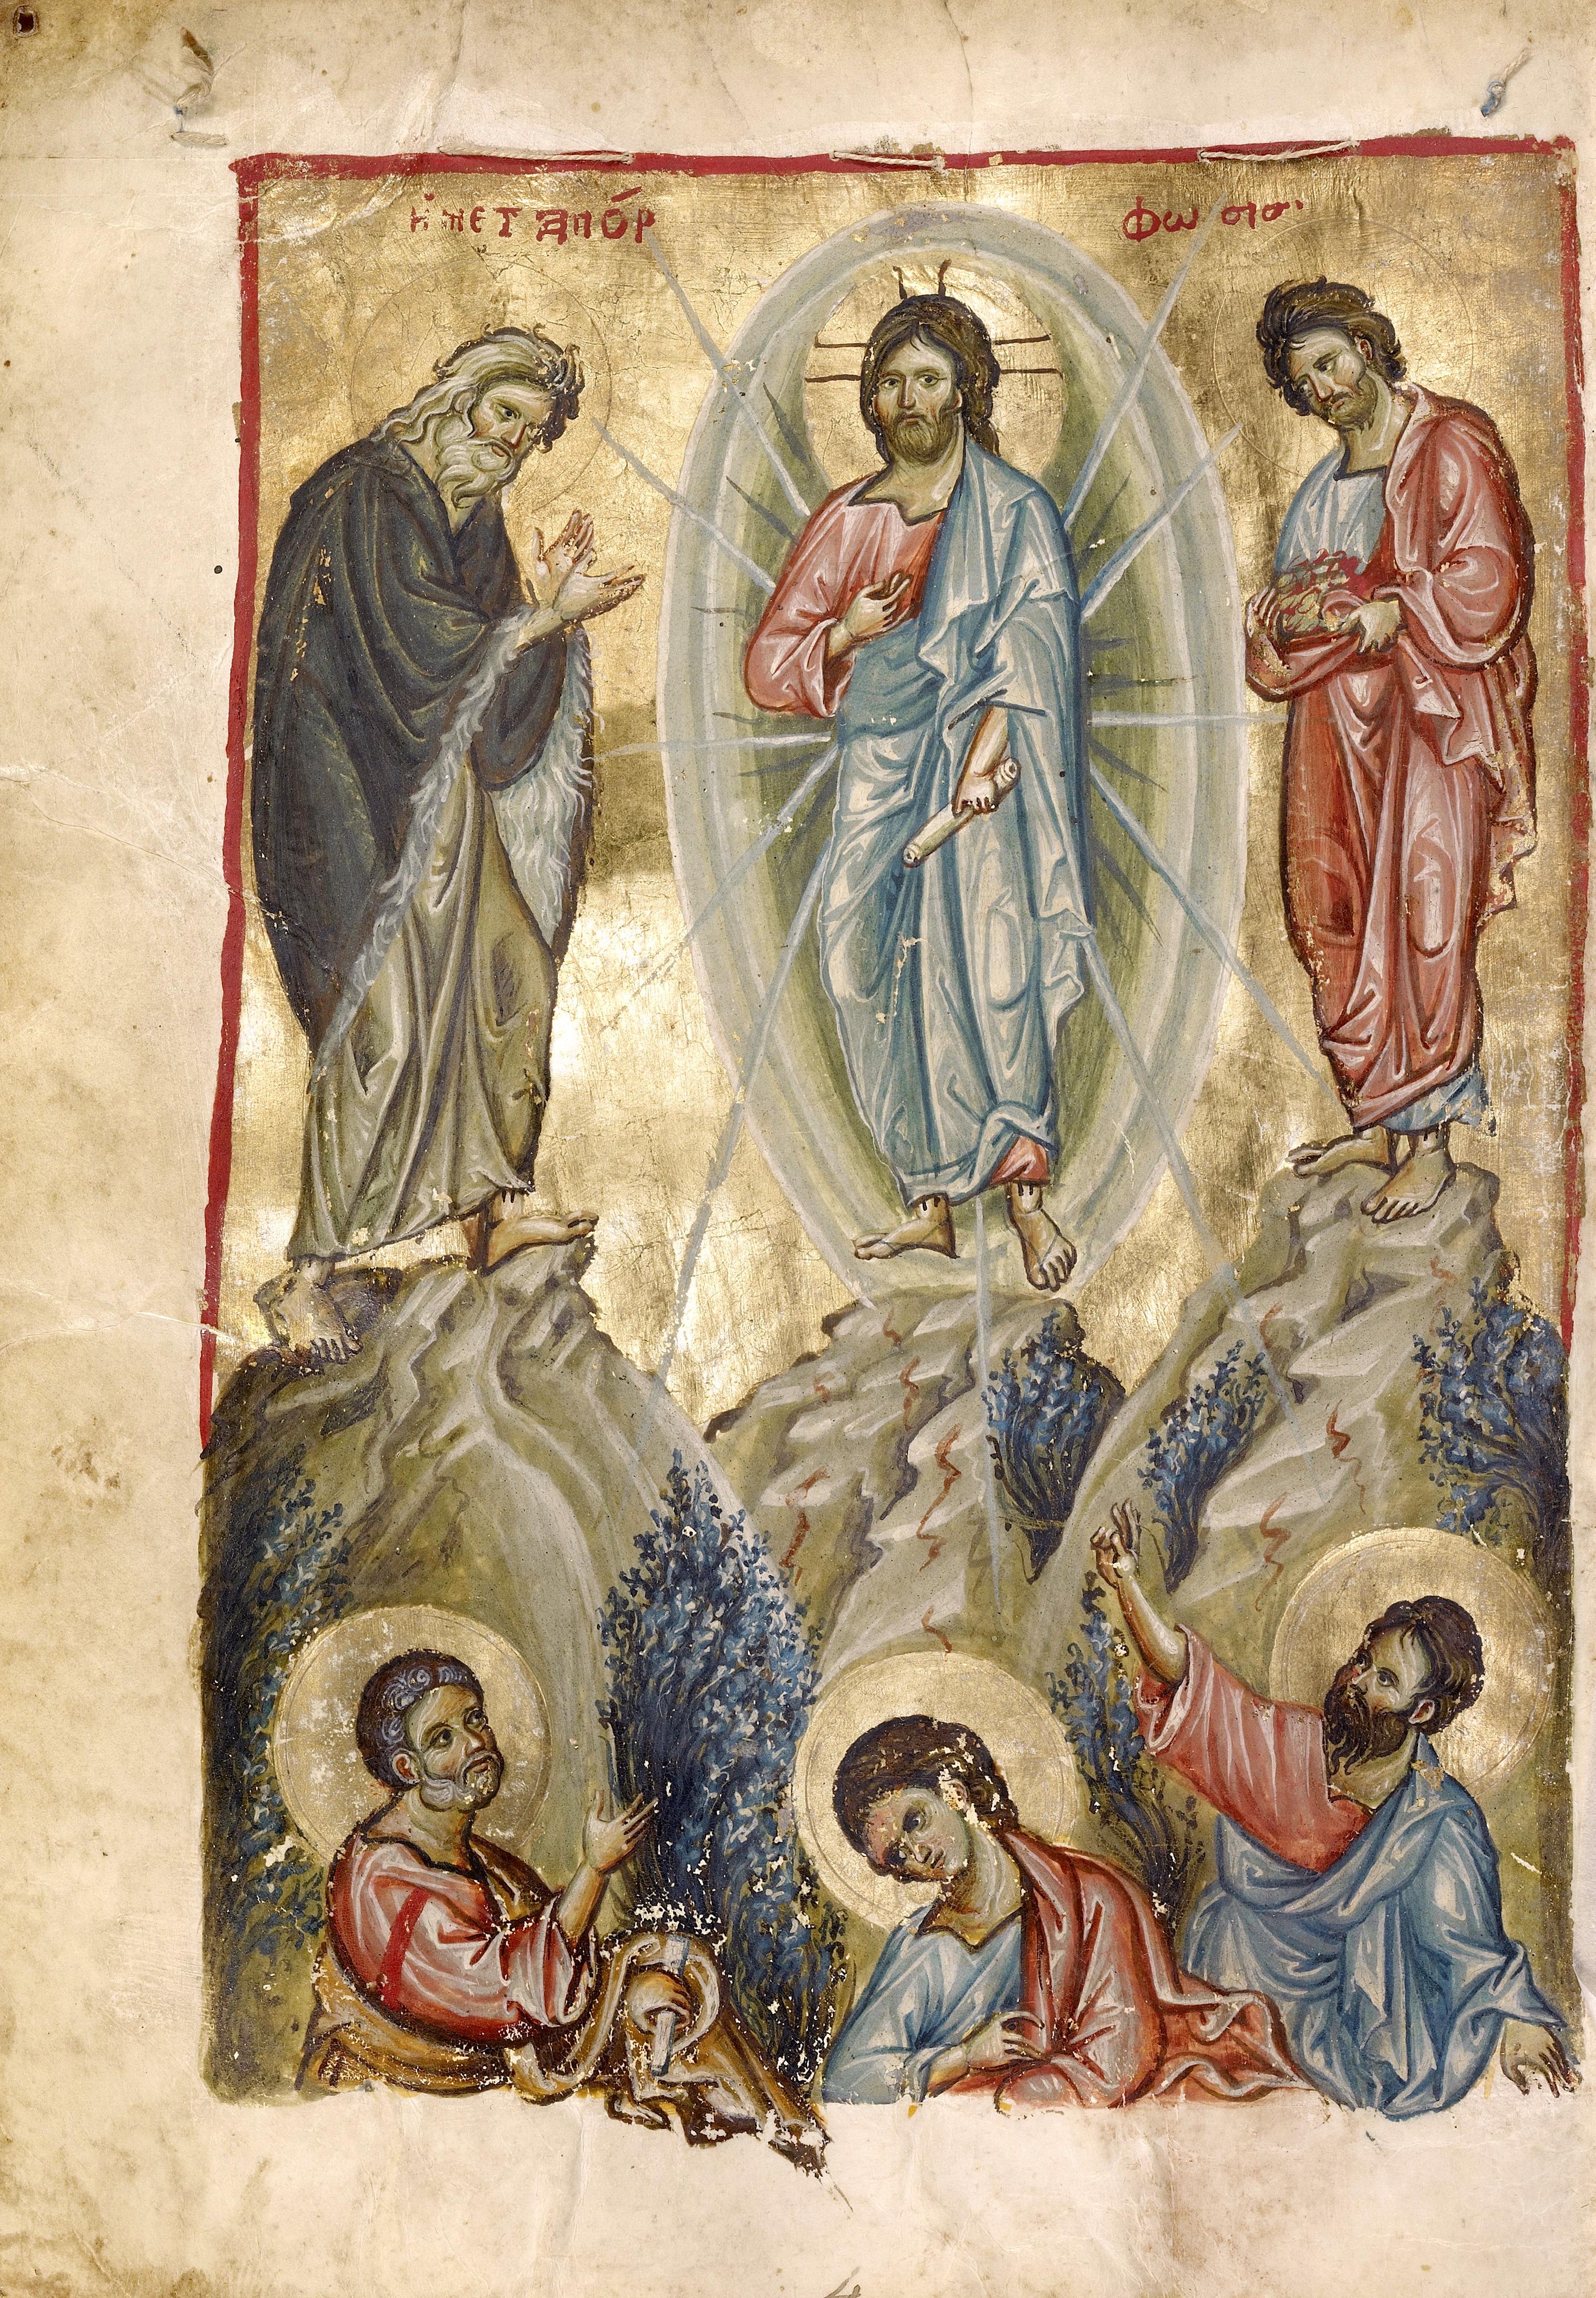 Преображение Господне. Византийская миниатюра XII века.